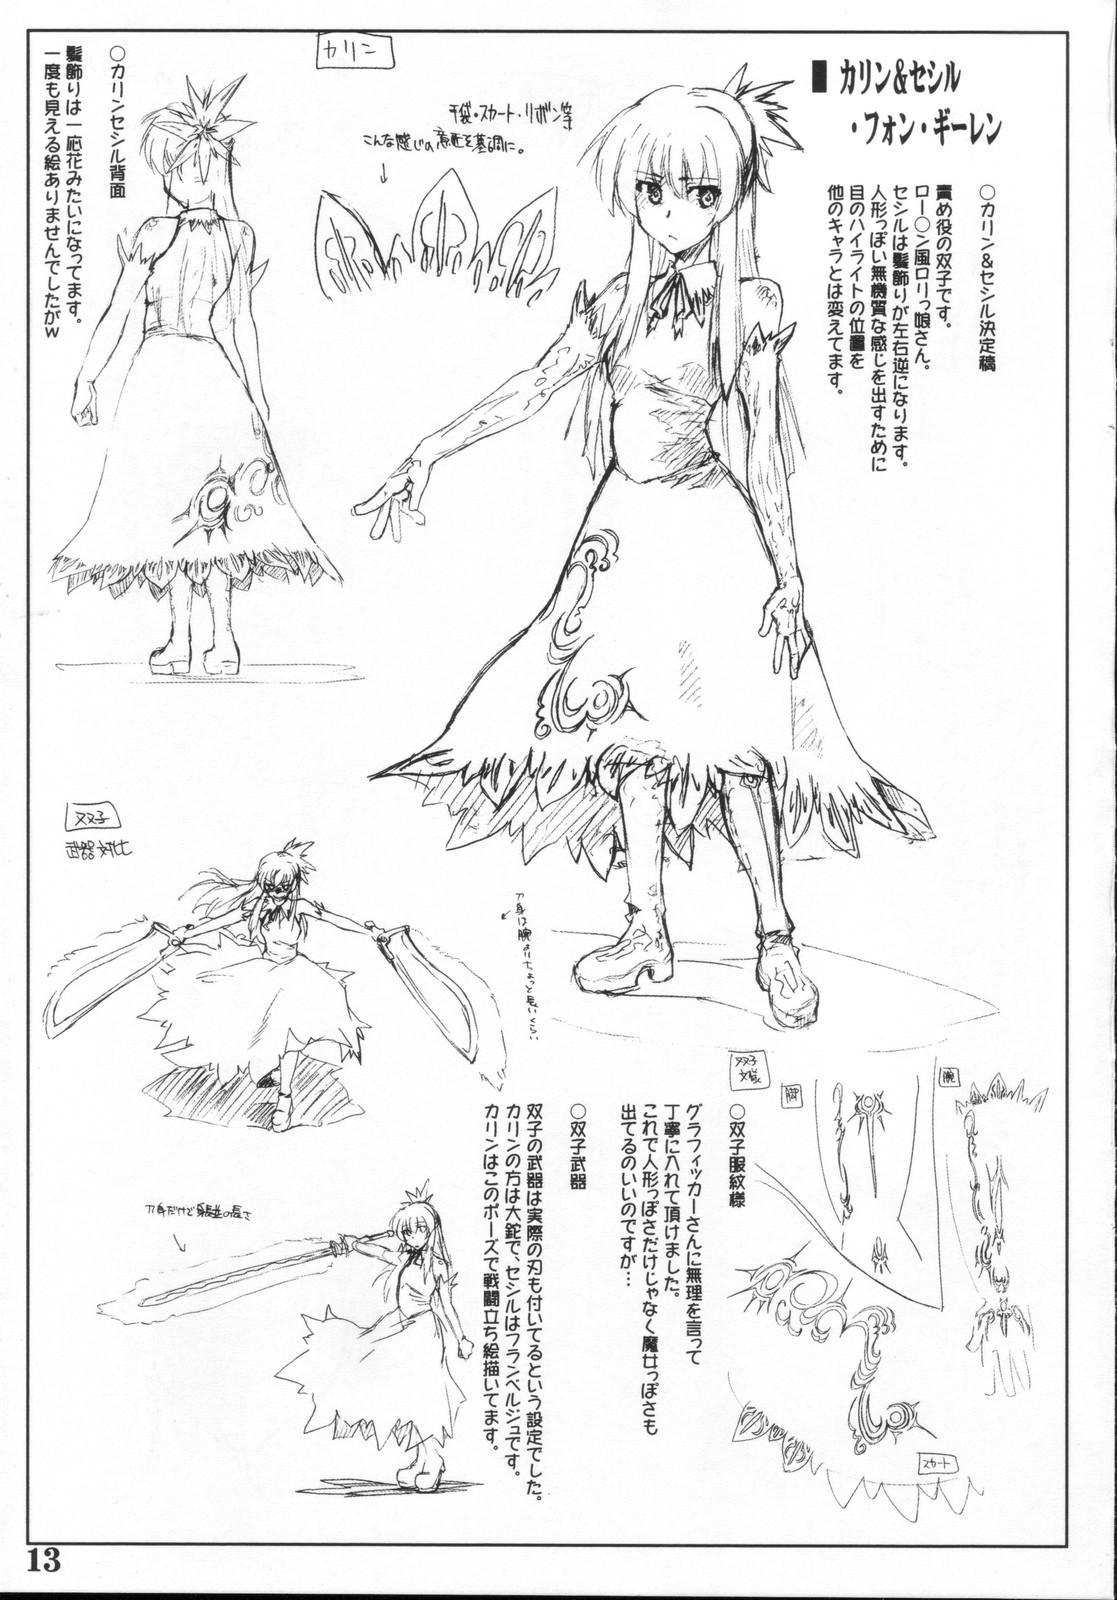 sumimasen konkai wa uchuu kaizoku na settei shiryou genga shuu desu 11